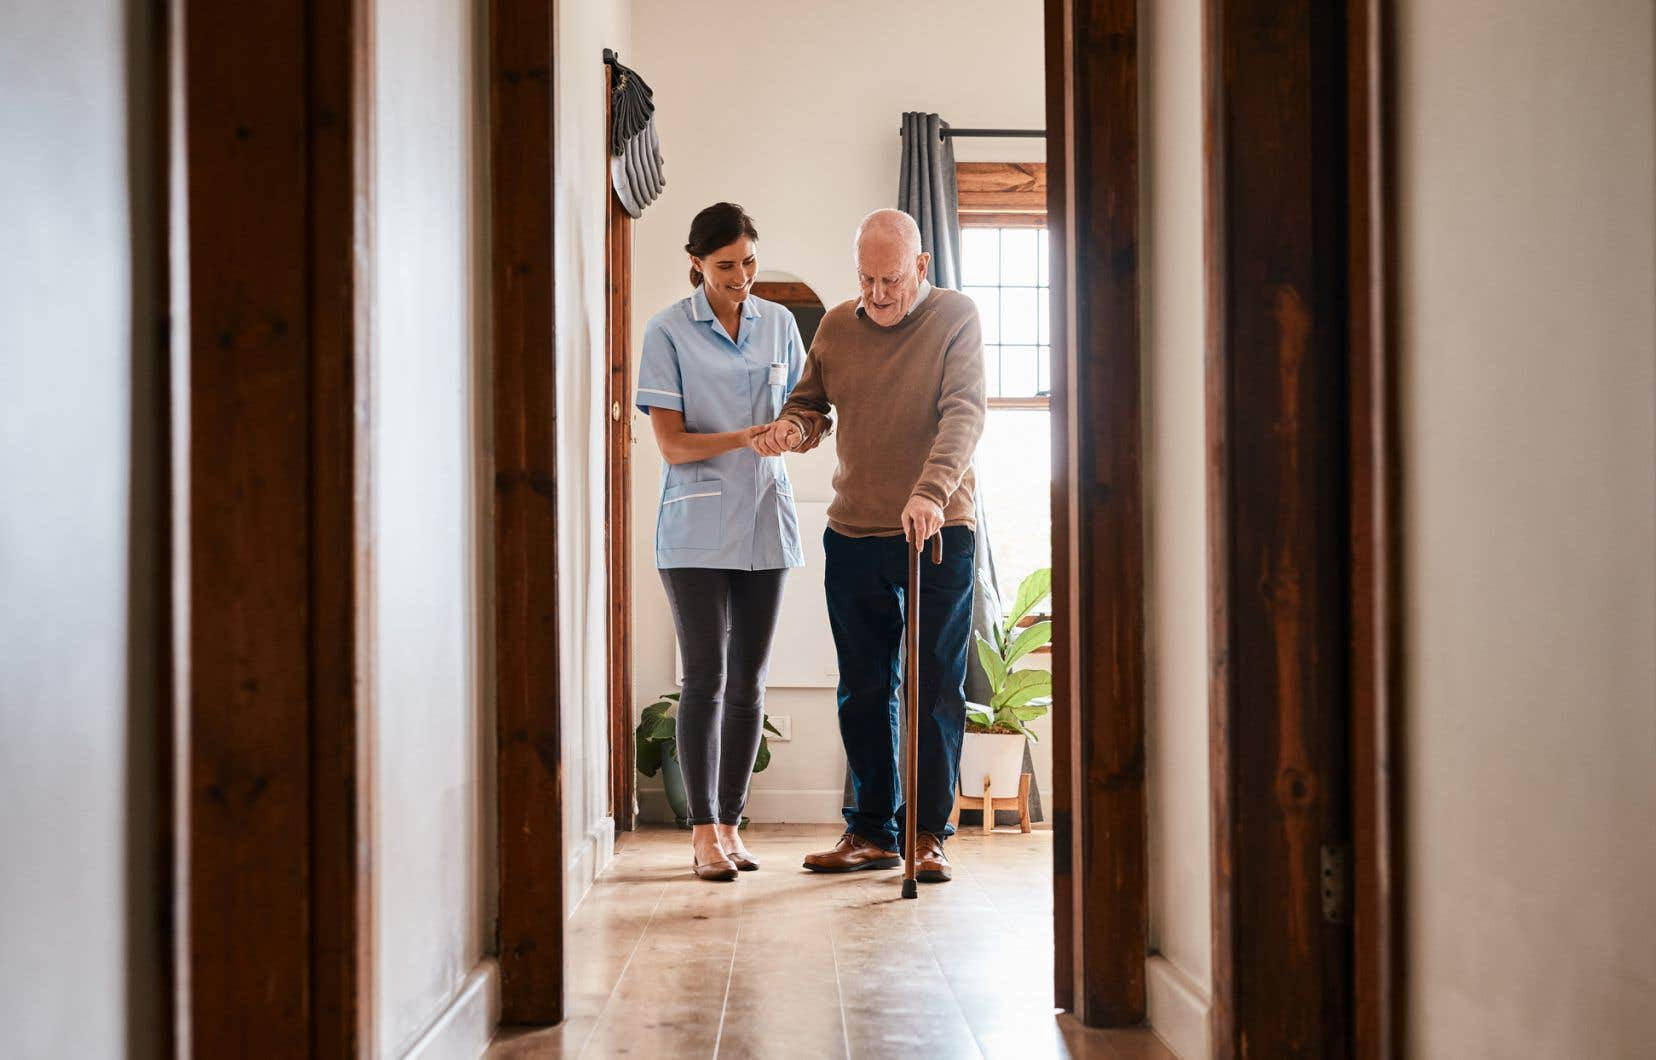 «Développer le maintien à domicile demande de s'appuyer sur des ressources humaines, technologiques, informatiques et sociales», rappelle l'auteur.